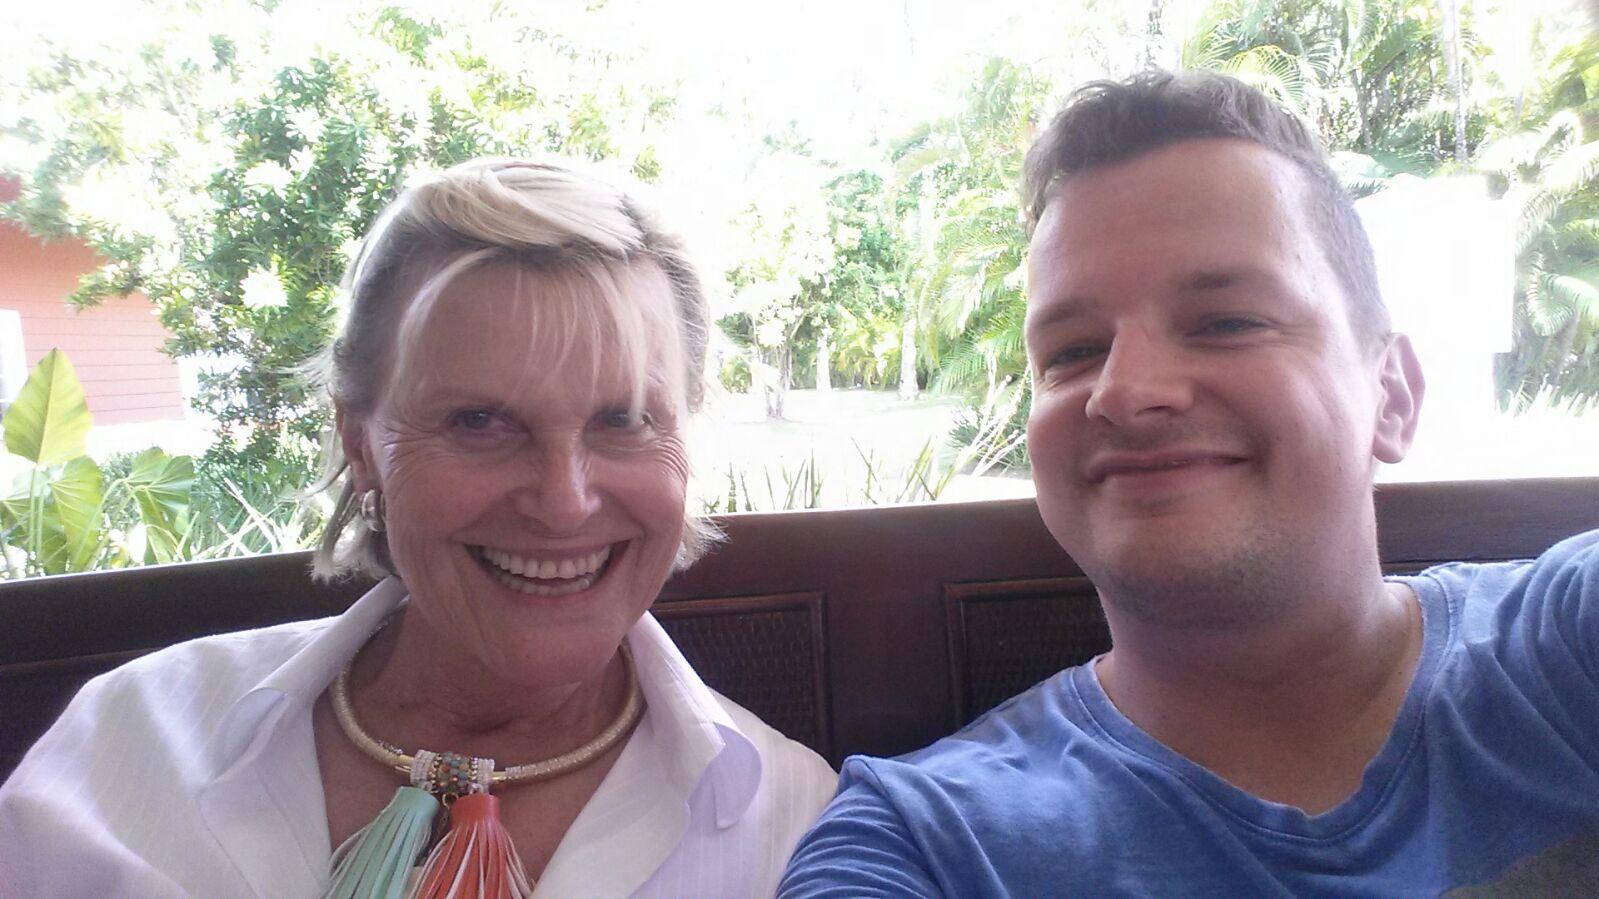 Motorsportlegende trifft Welness: Ex-Rennfahrerin Lili Reisenbichler aus München ist passionierte Golfspielerin und nam am DR Golf Travel Exchange Turnier teil. Hier sitzt sie bei SPA inside-Redakteur Jens Korch.